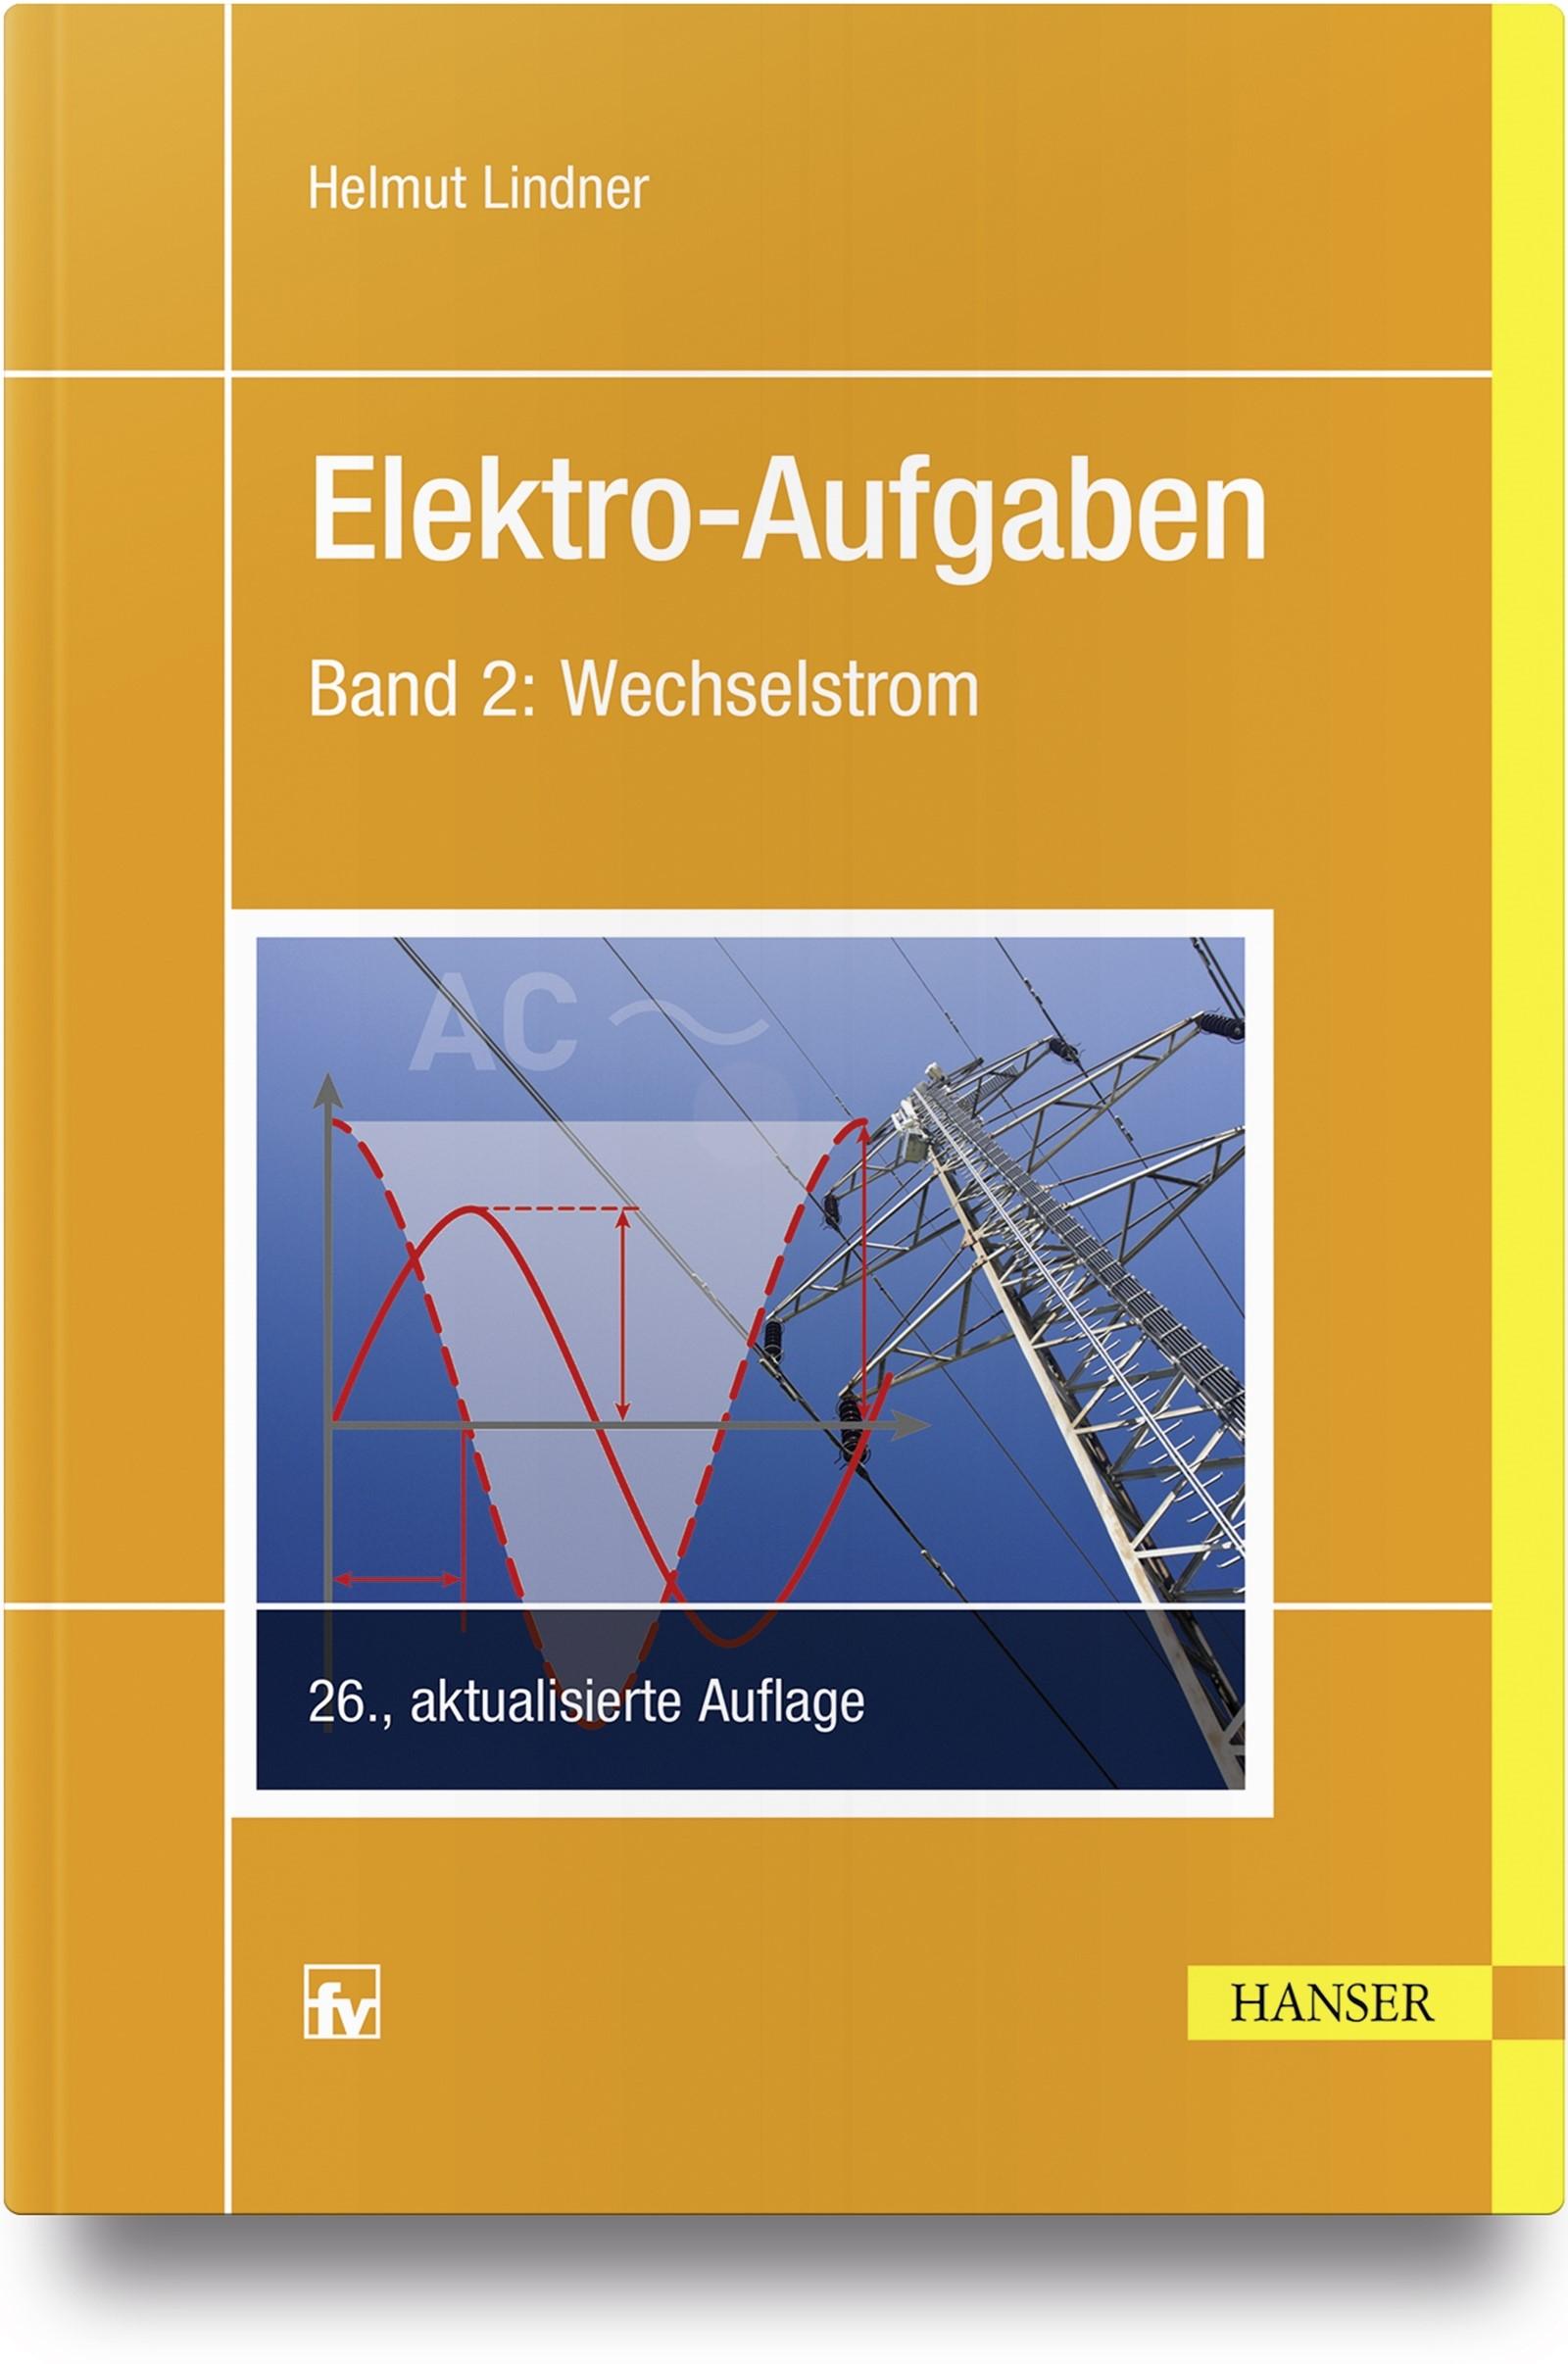 Elektro-Aufgaben 2 | Lindner | 26., aktualisierte Auflage, 2018 | Buch (Cover)